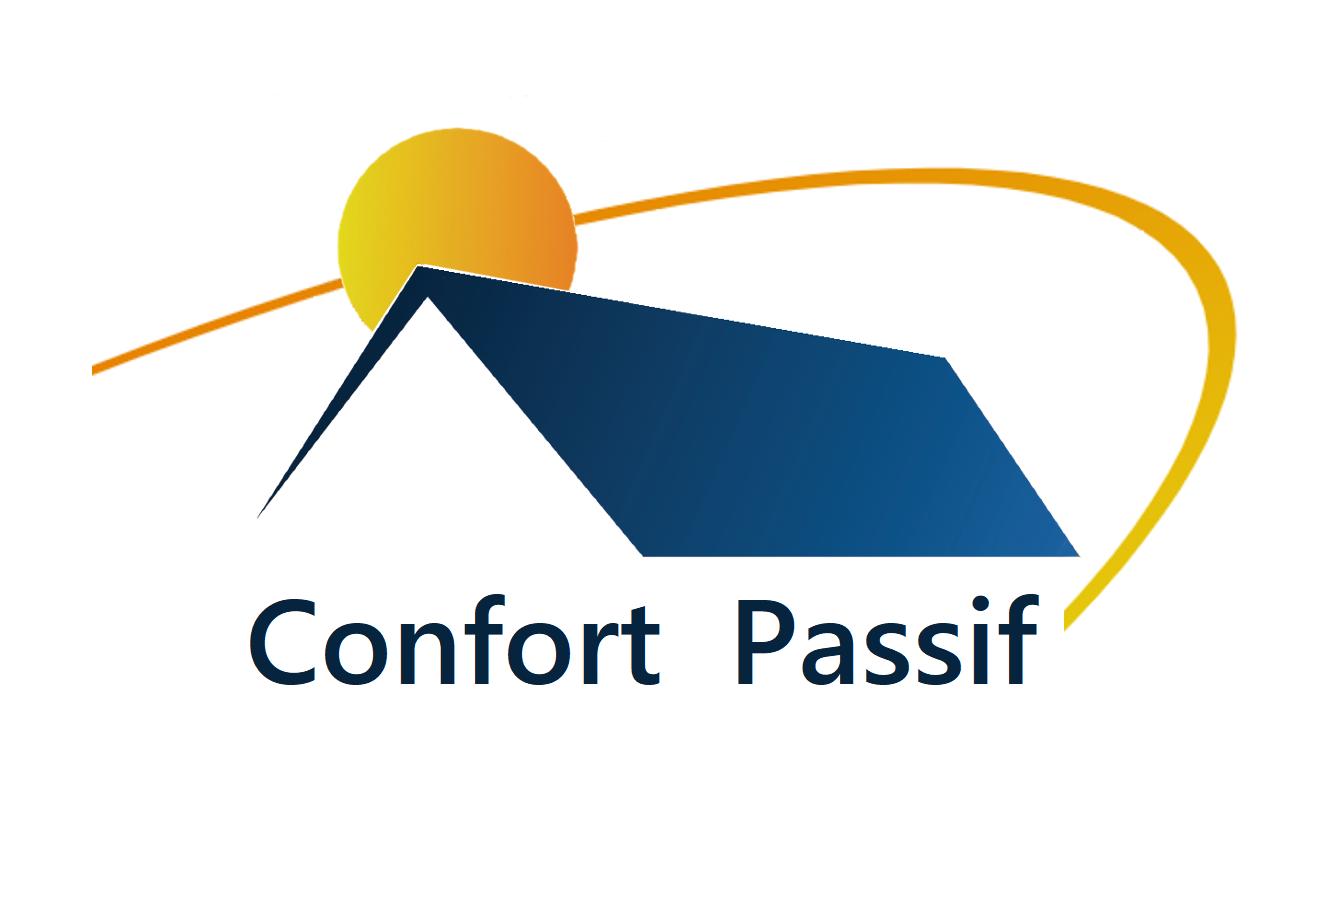 Confort Passif